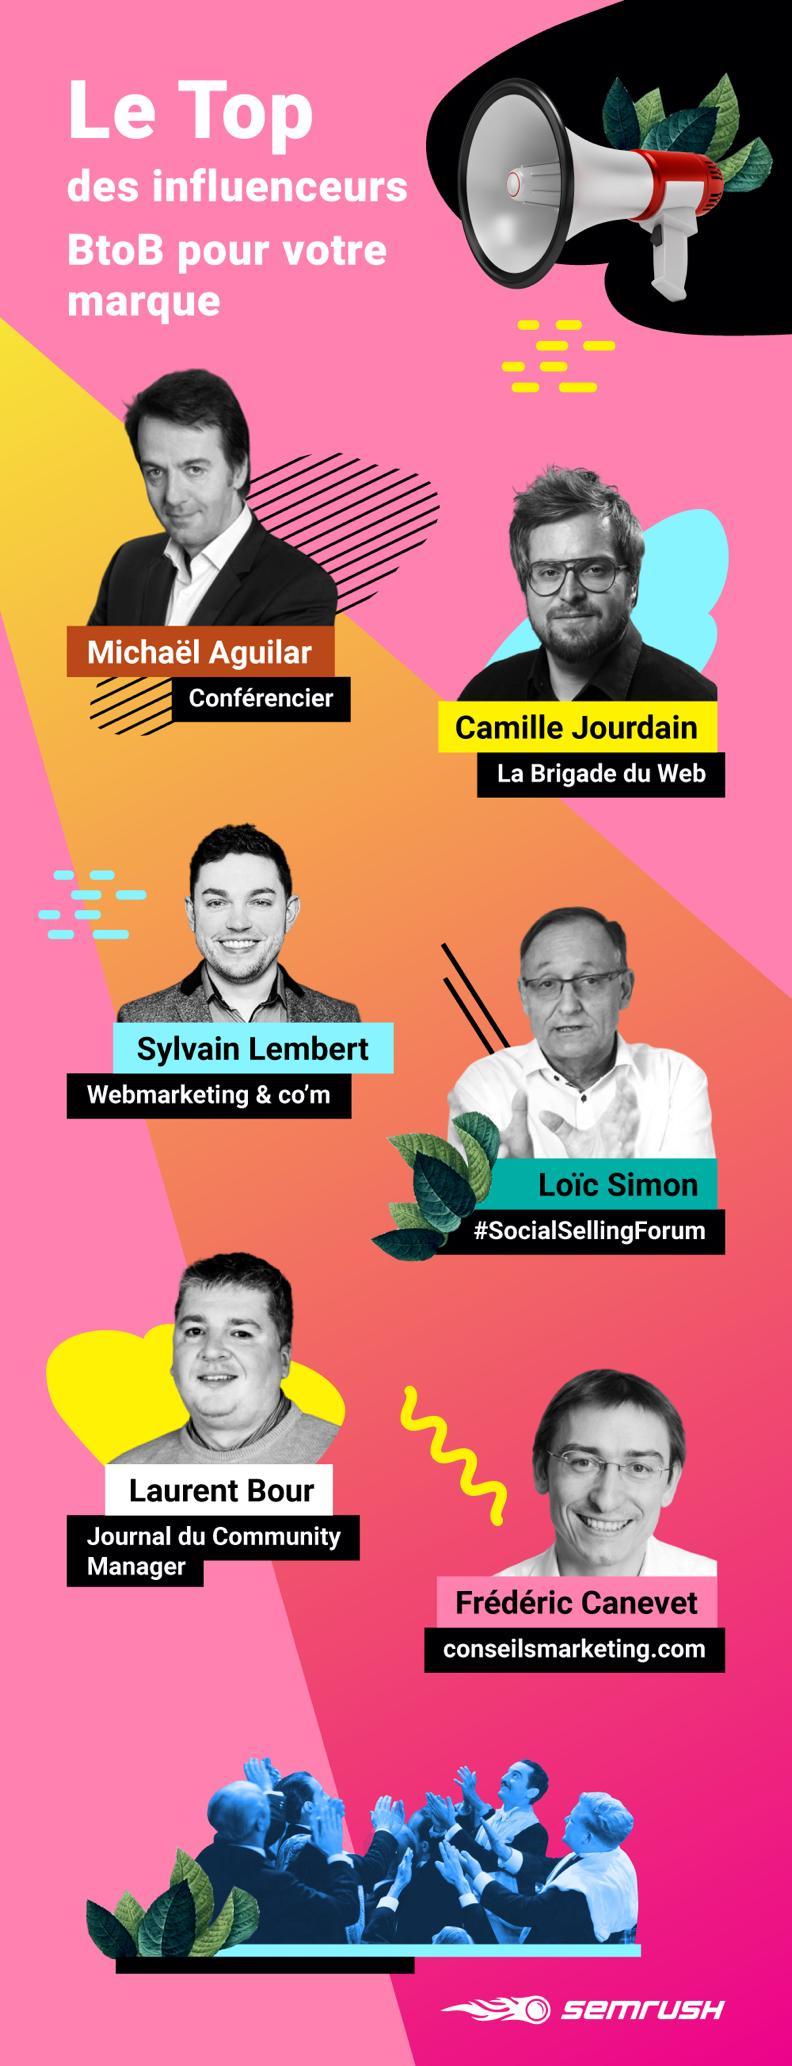 Le Top des influenceurs B2B : ConseilsMarketing.com sélectionné ! 2